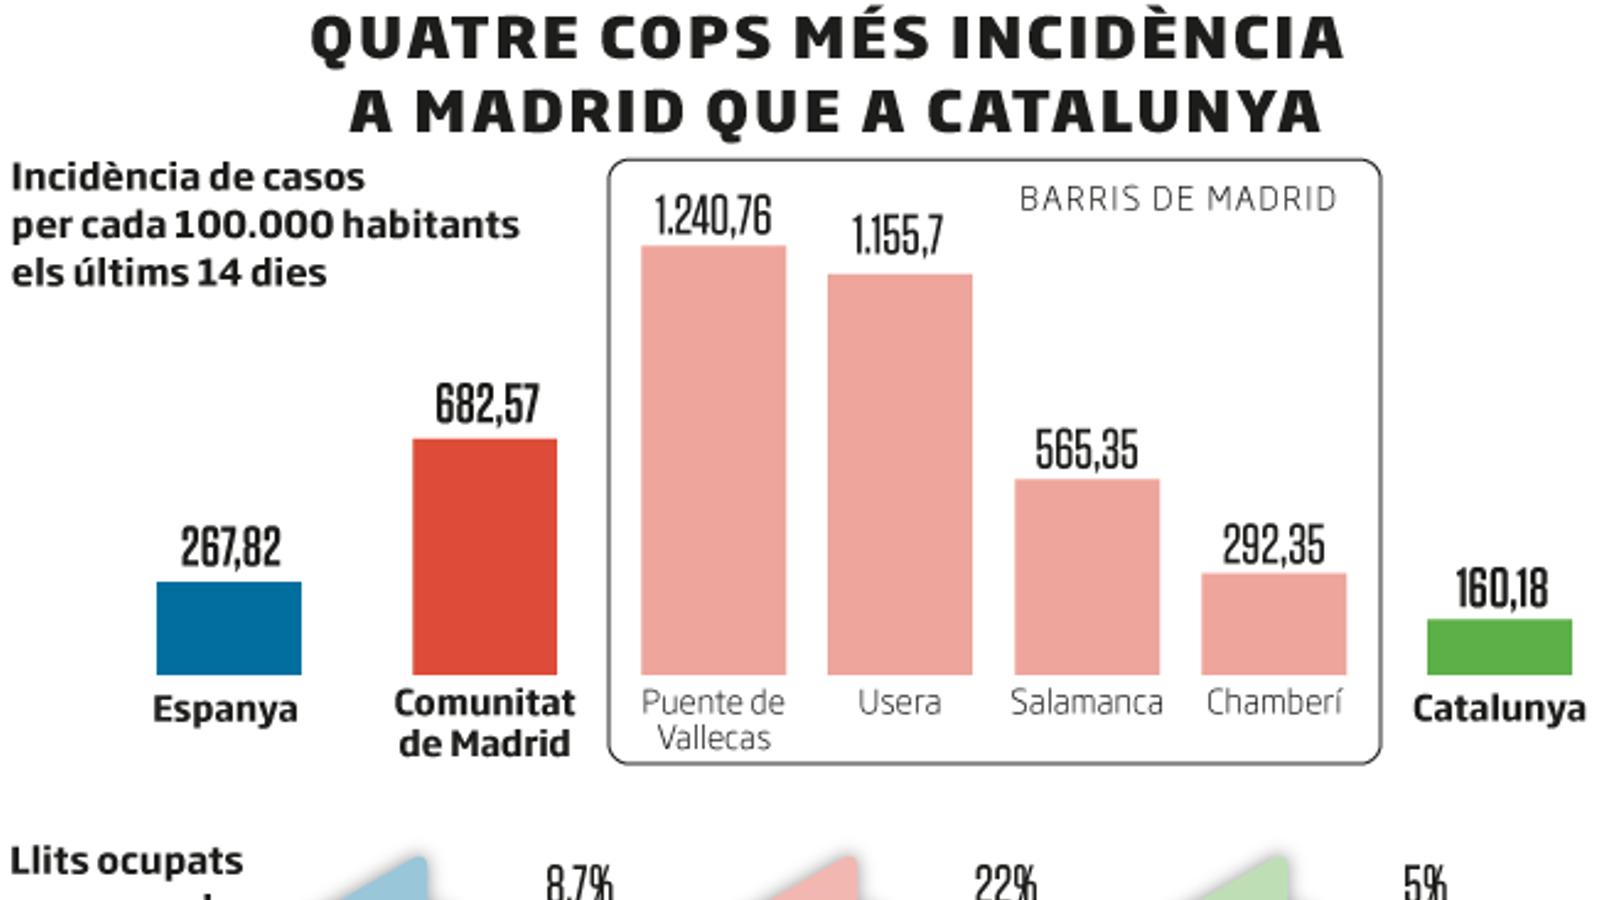 La Comunitat de Madrid confina per barris 850.000 persones